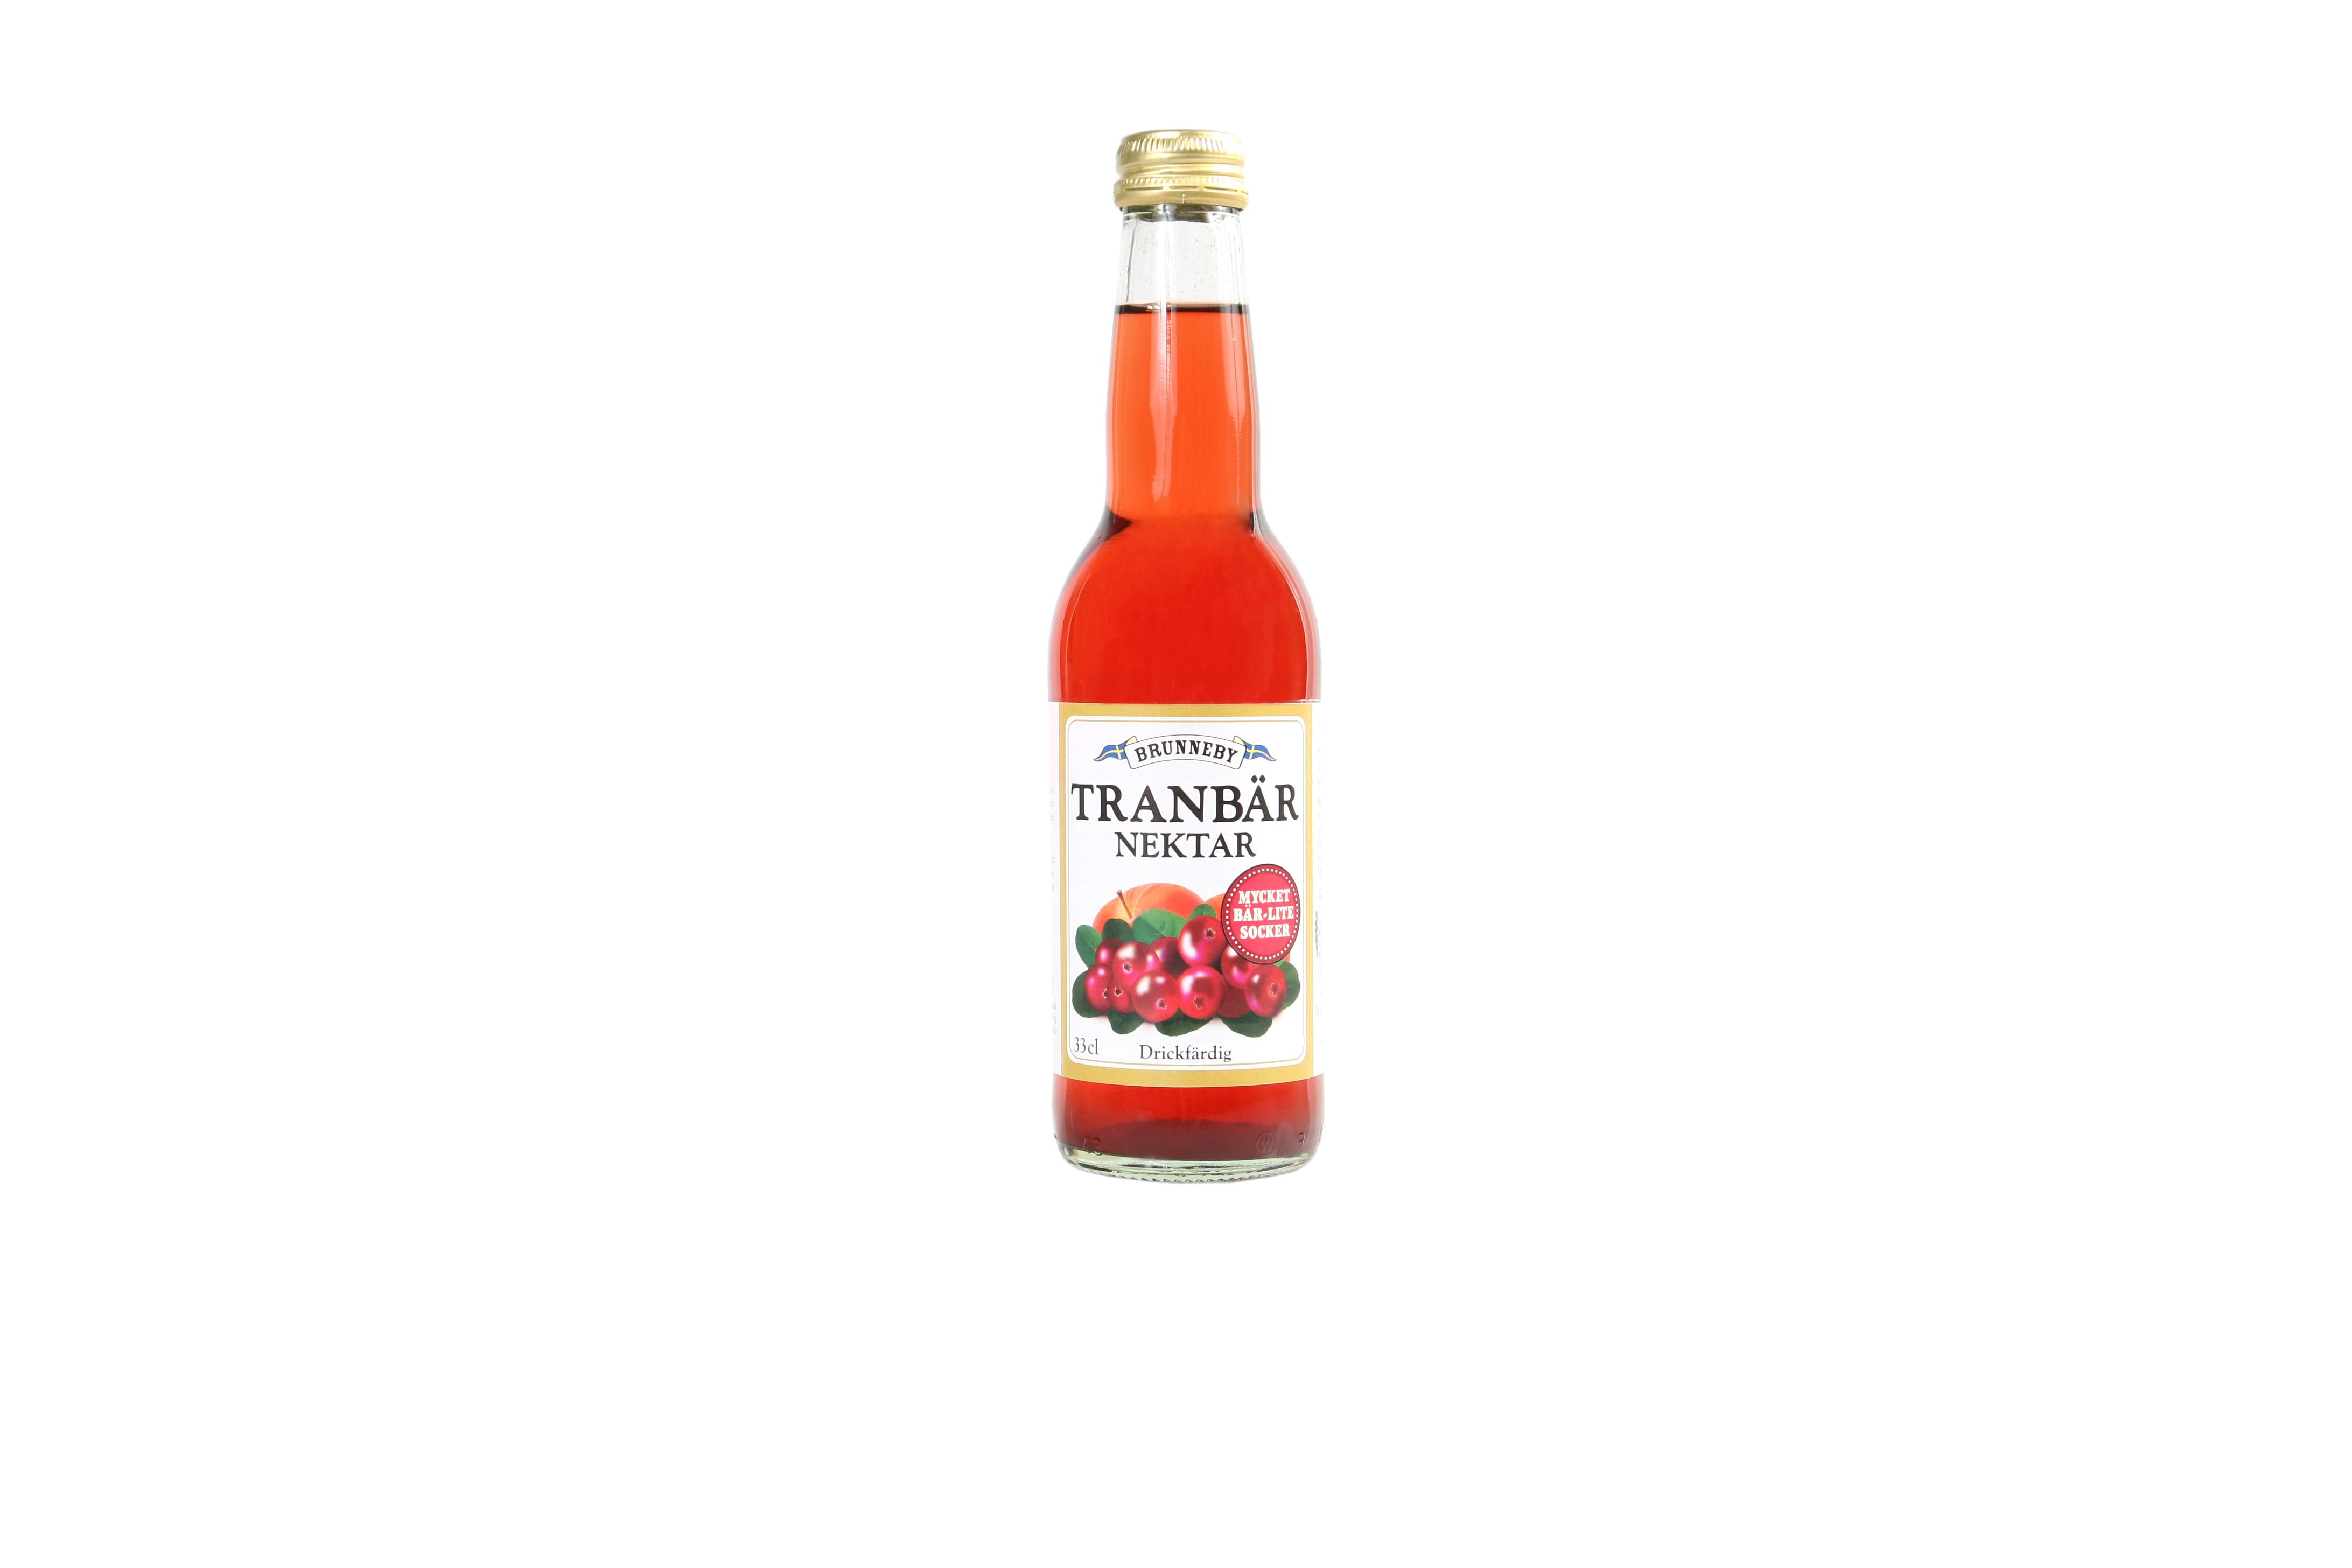 Högupplöst bild på Tranbärsnektar i 33 cl flaska.